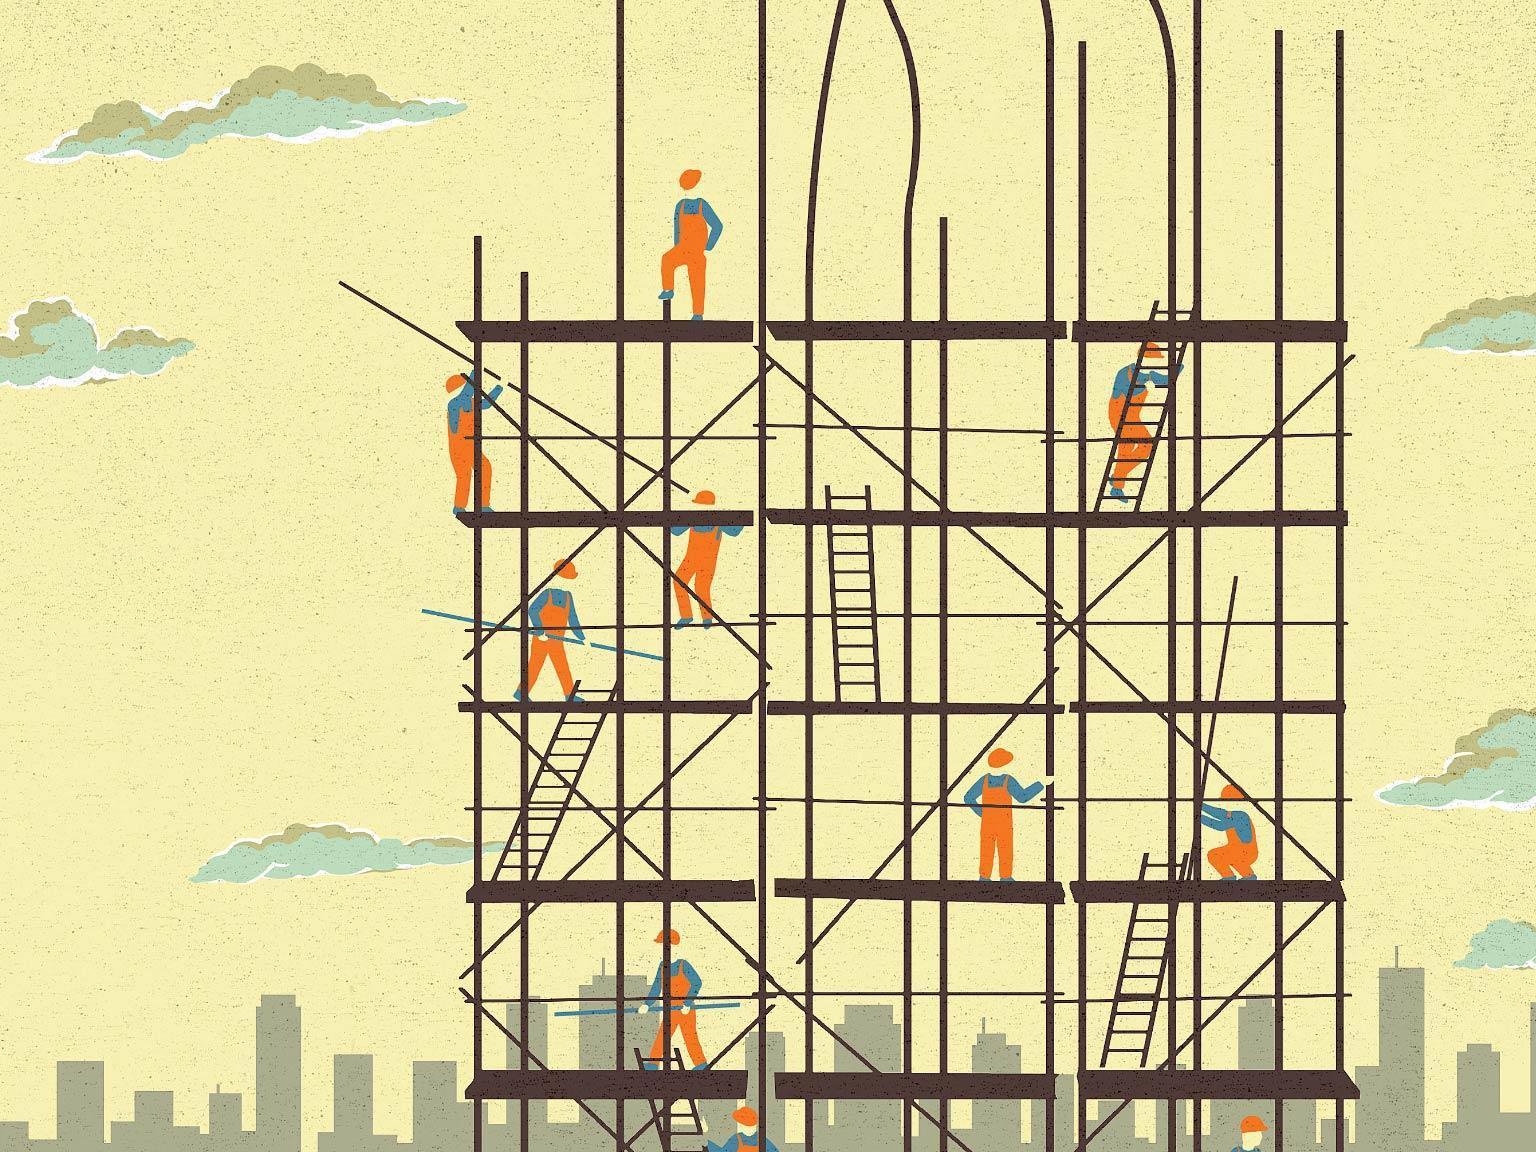 Các công ty đa quốc gia thu hút các tài năng mà họ cần như thế nào